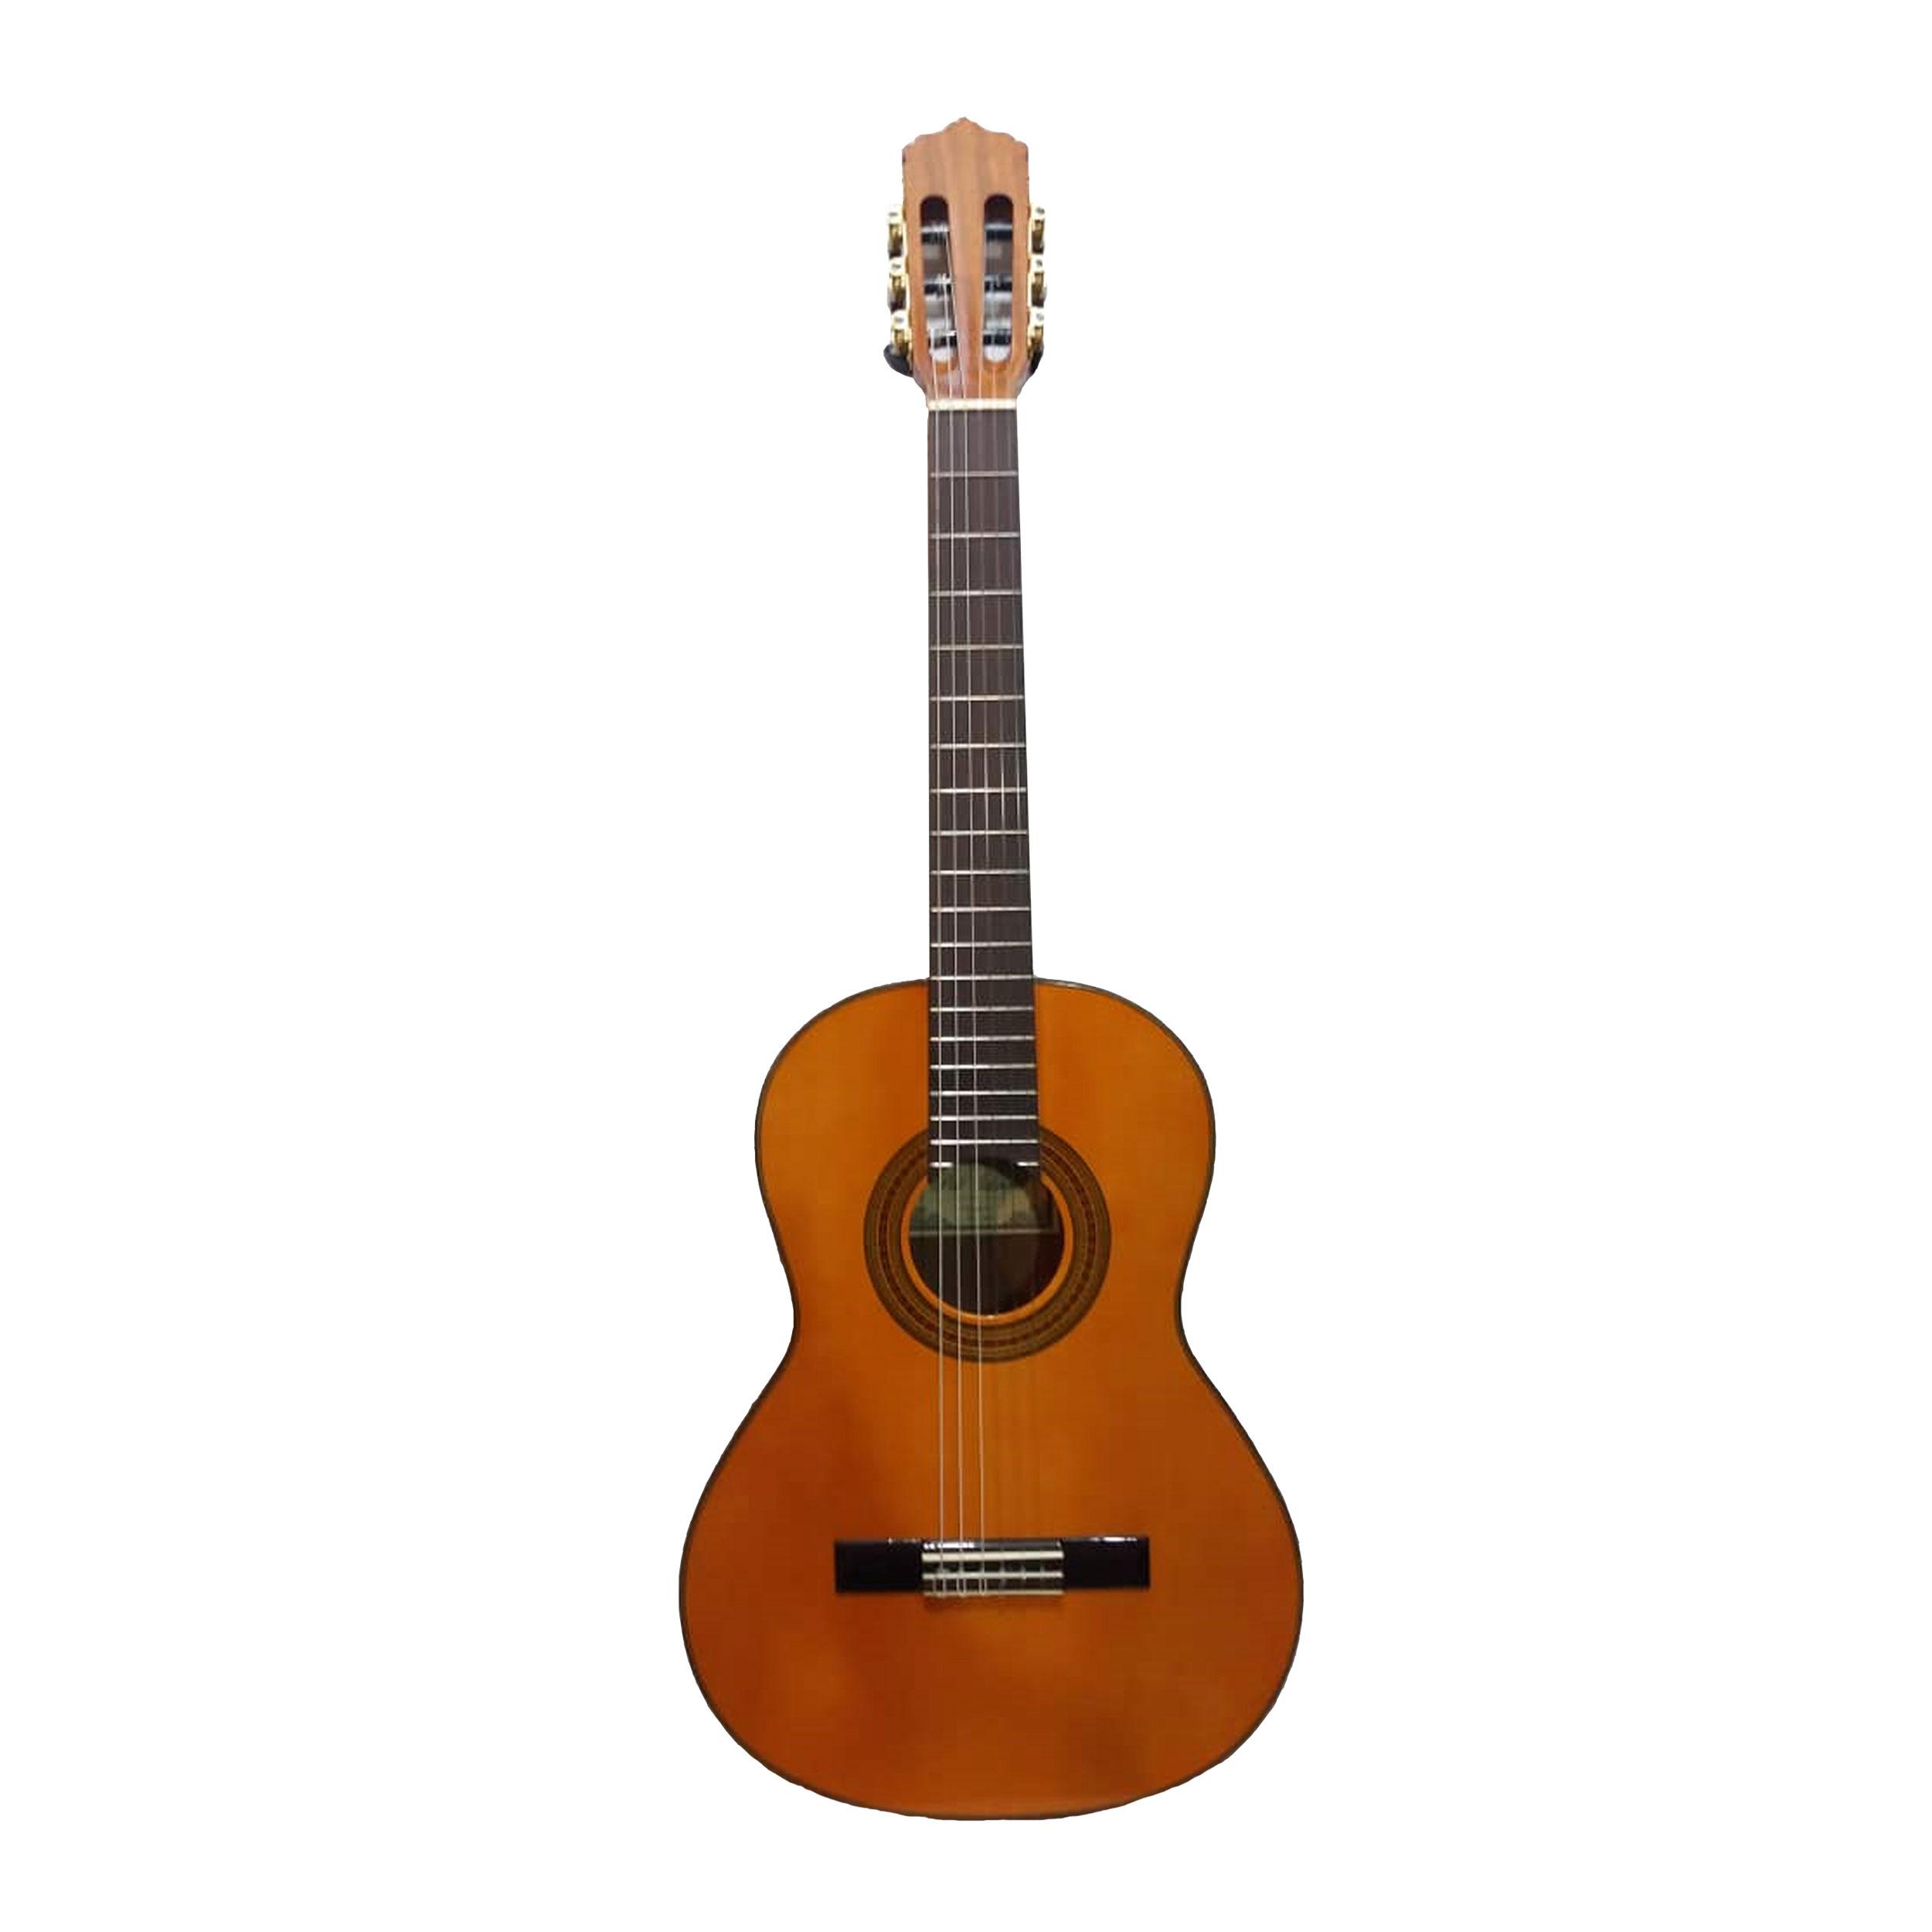 گیتار کلاسیک پالادو مدل CG 80-34، فروشگاه اینترنتی آف تپ، خرید آنلاین کالا